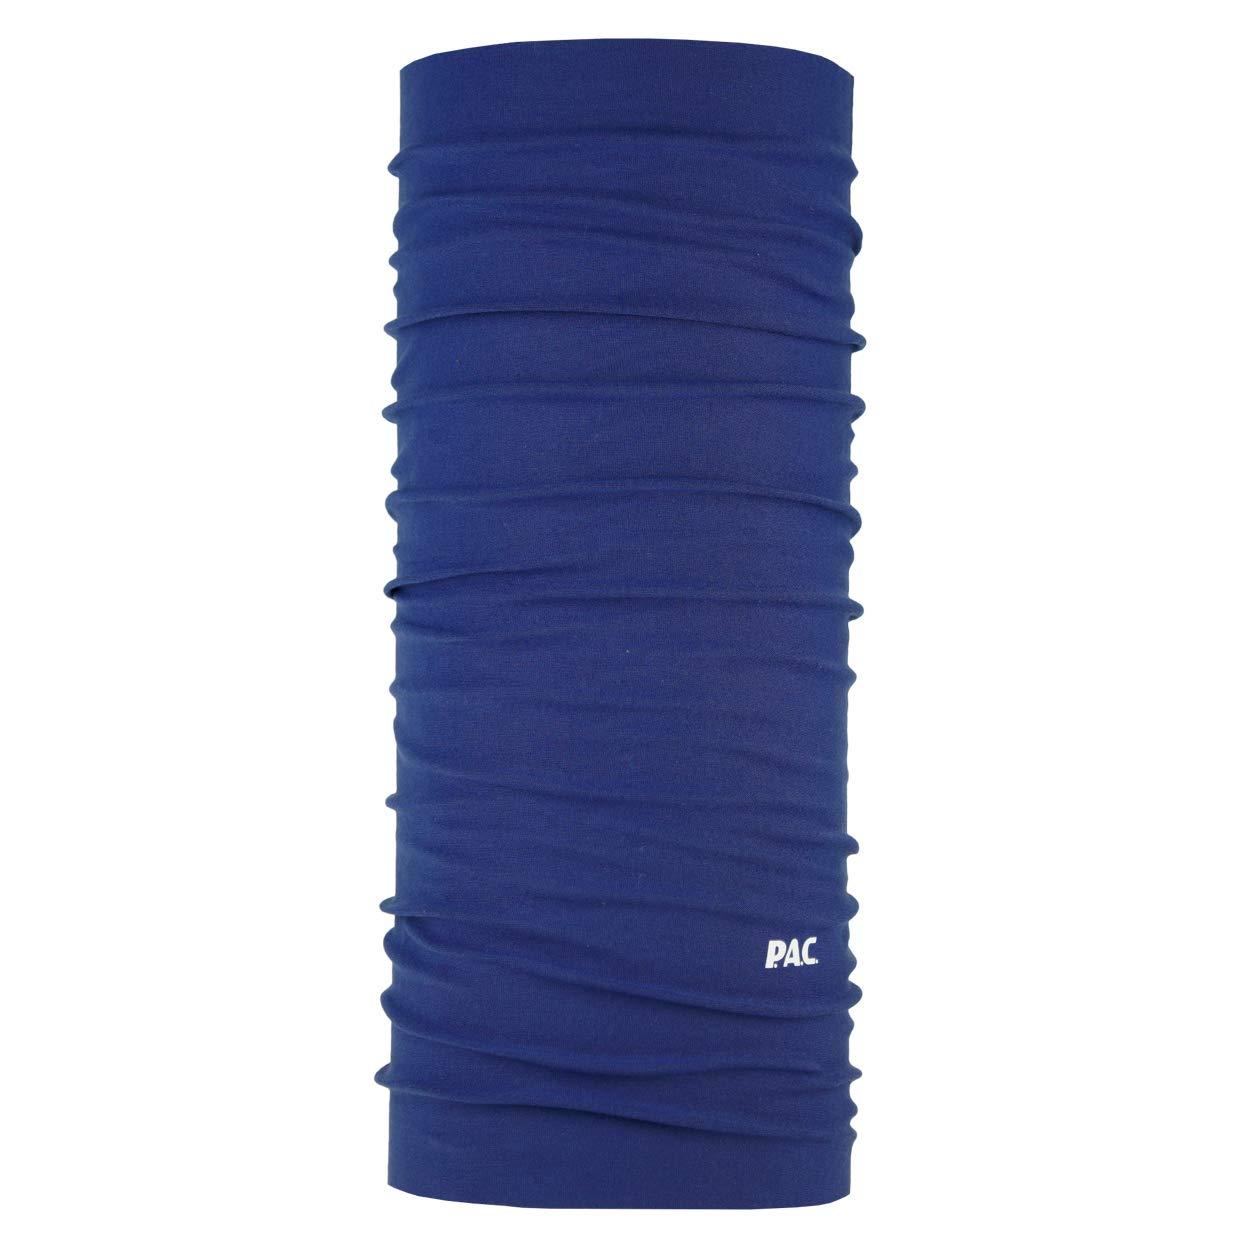 nahtloses Mikrofaser Schlauchtuch Unisex Halstuch Original Fantu Multifunktionstuch Kopftuch 10 Anwendungsm/öglichkeiten Schal P.A.C